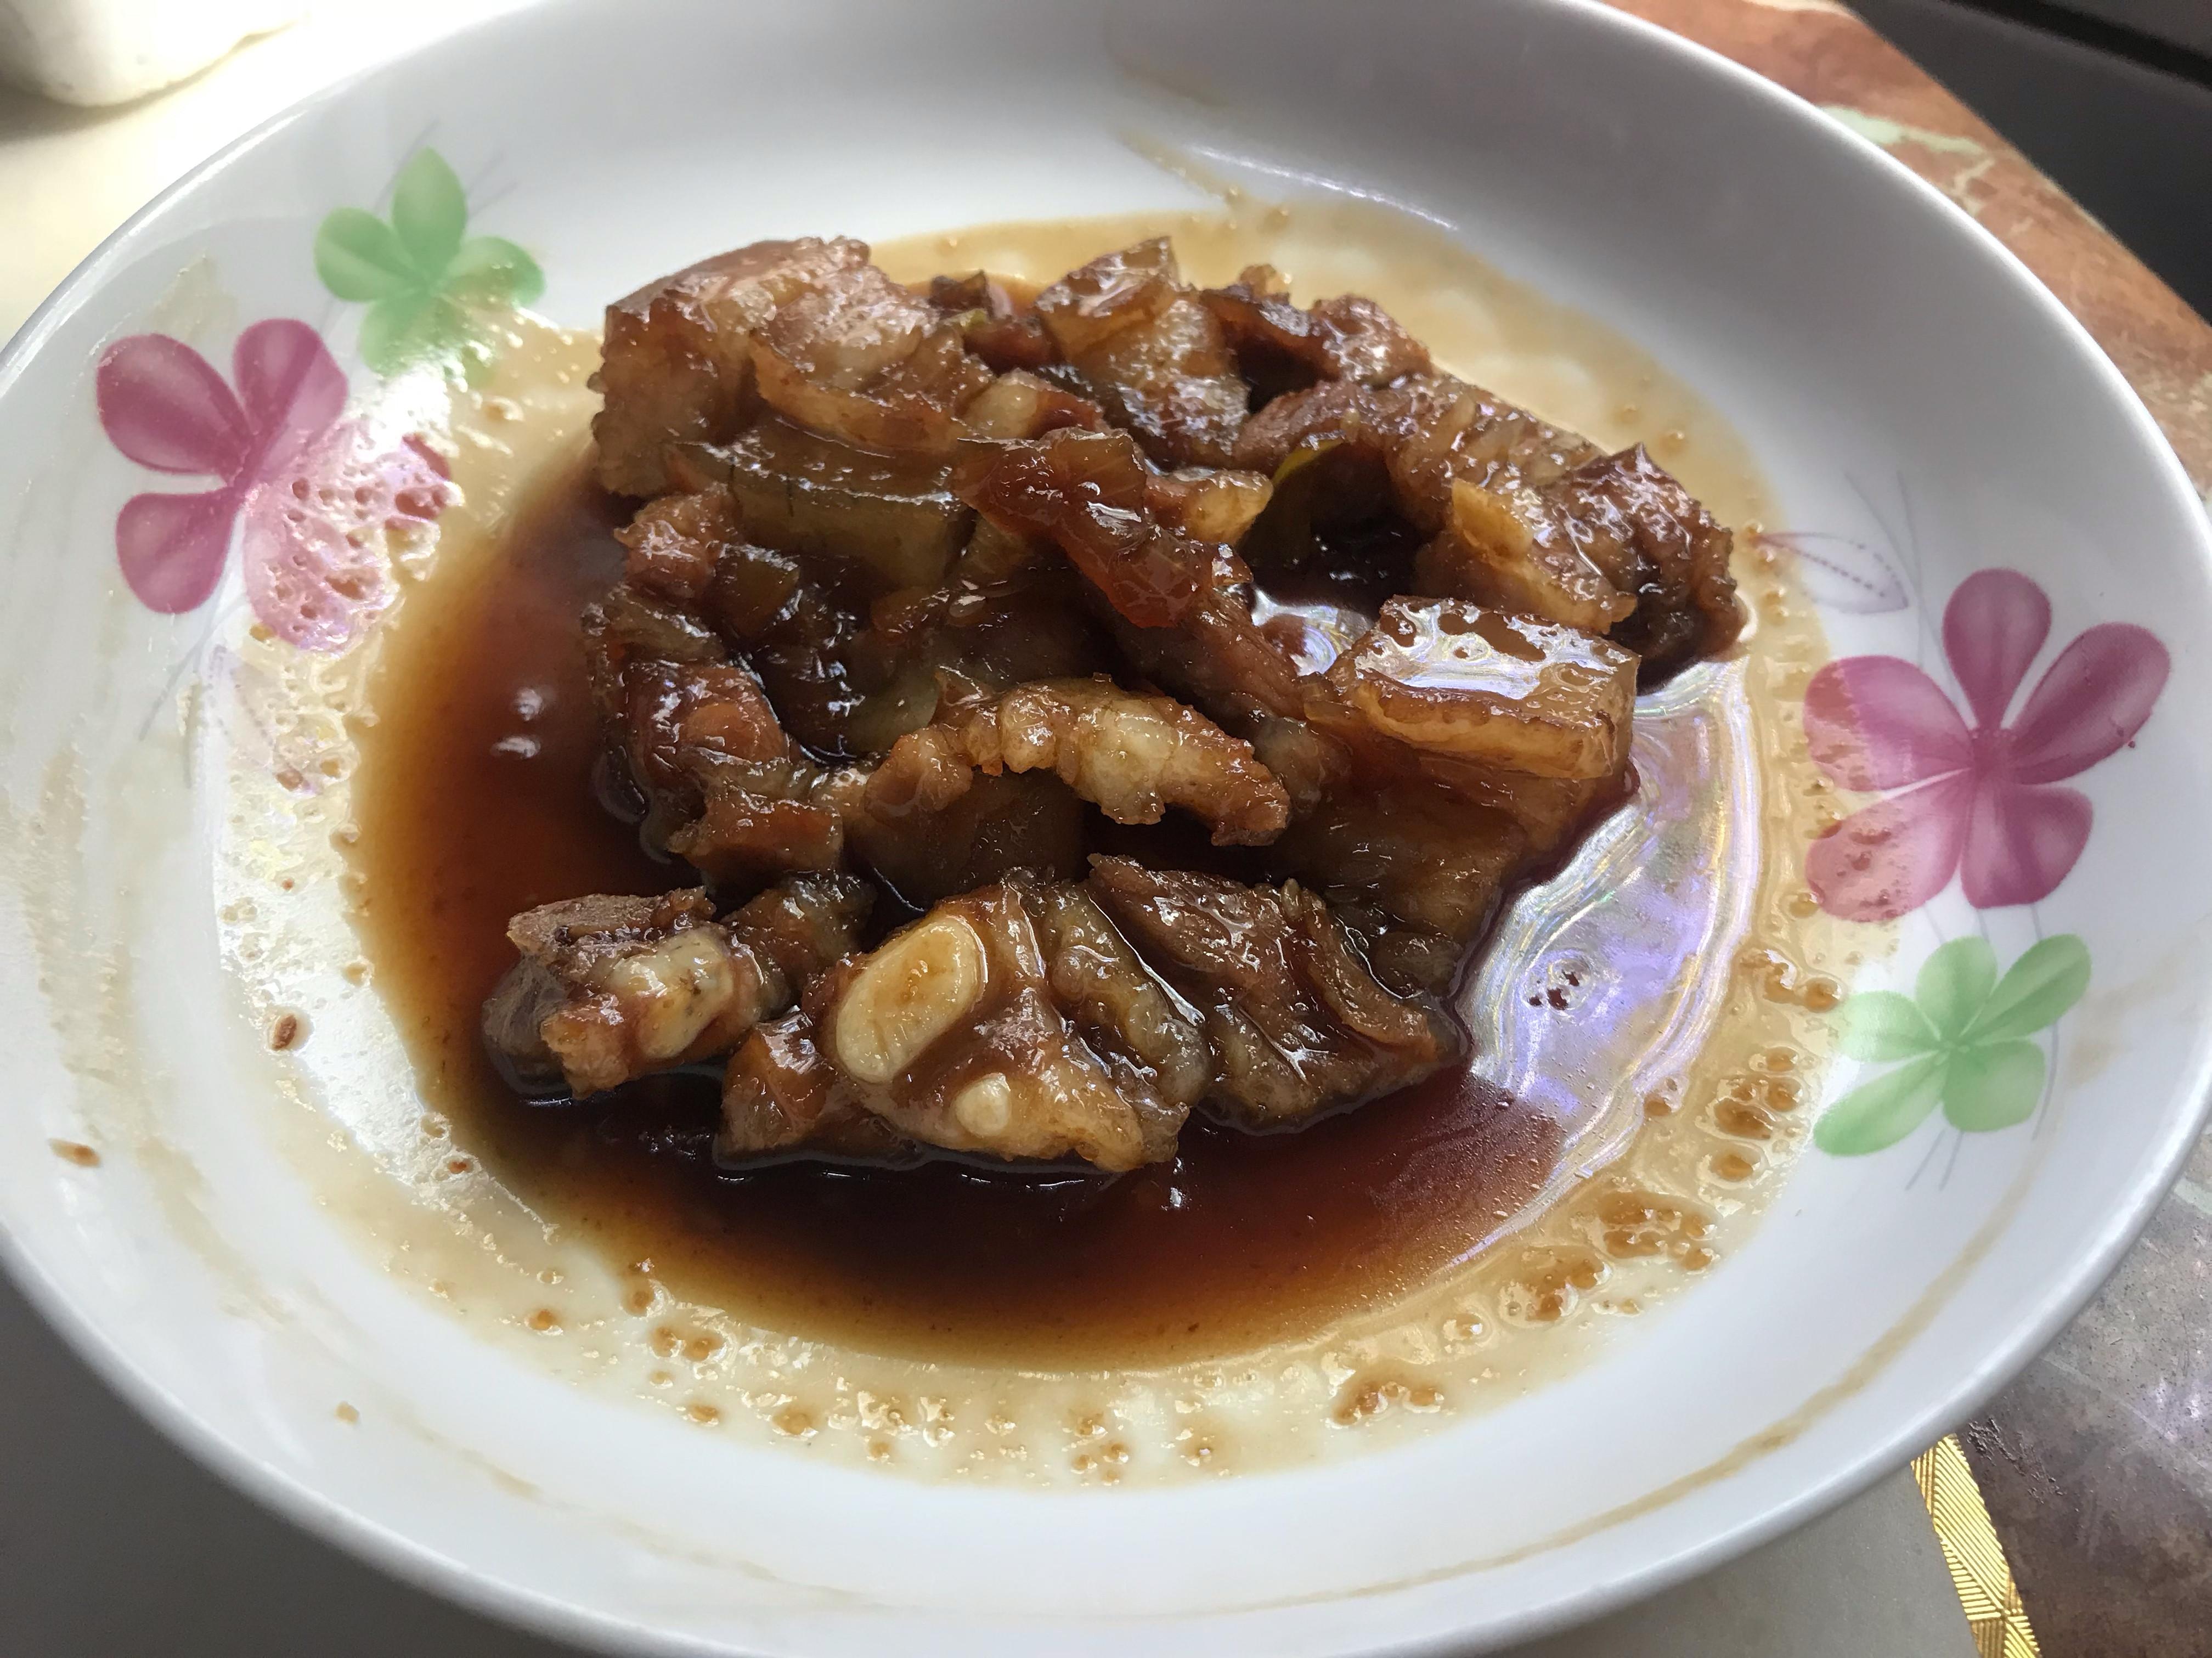 懶人版醬燒豬五花with好市多日式燒肉醬